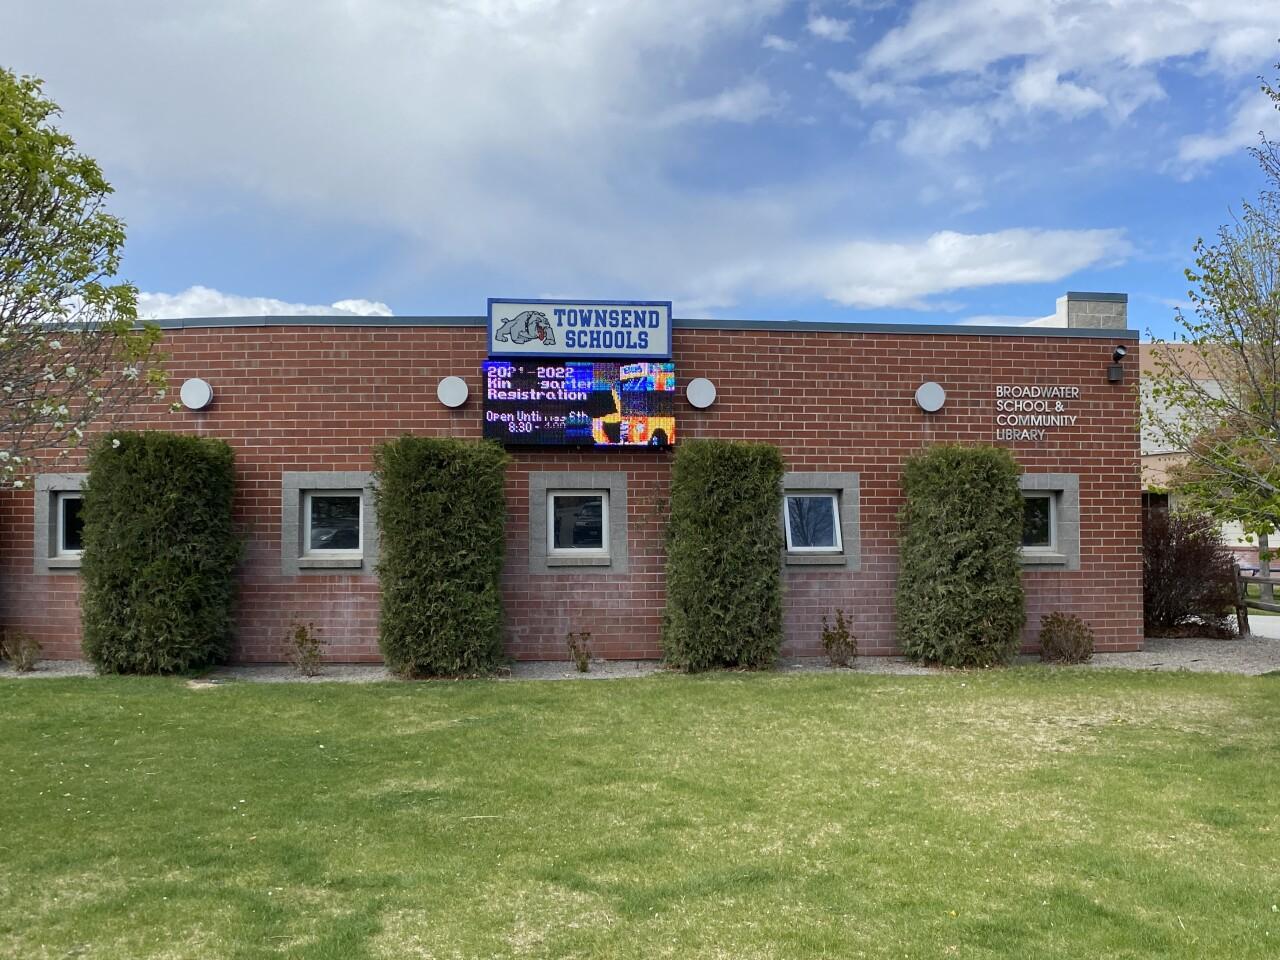 Townsend School District